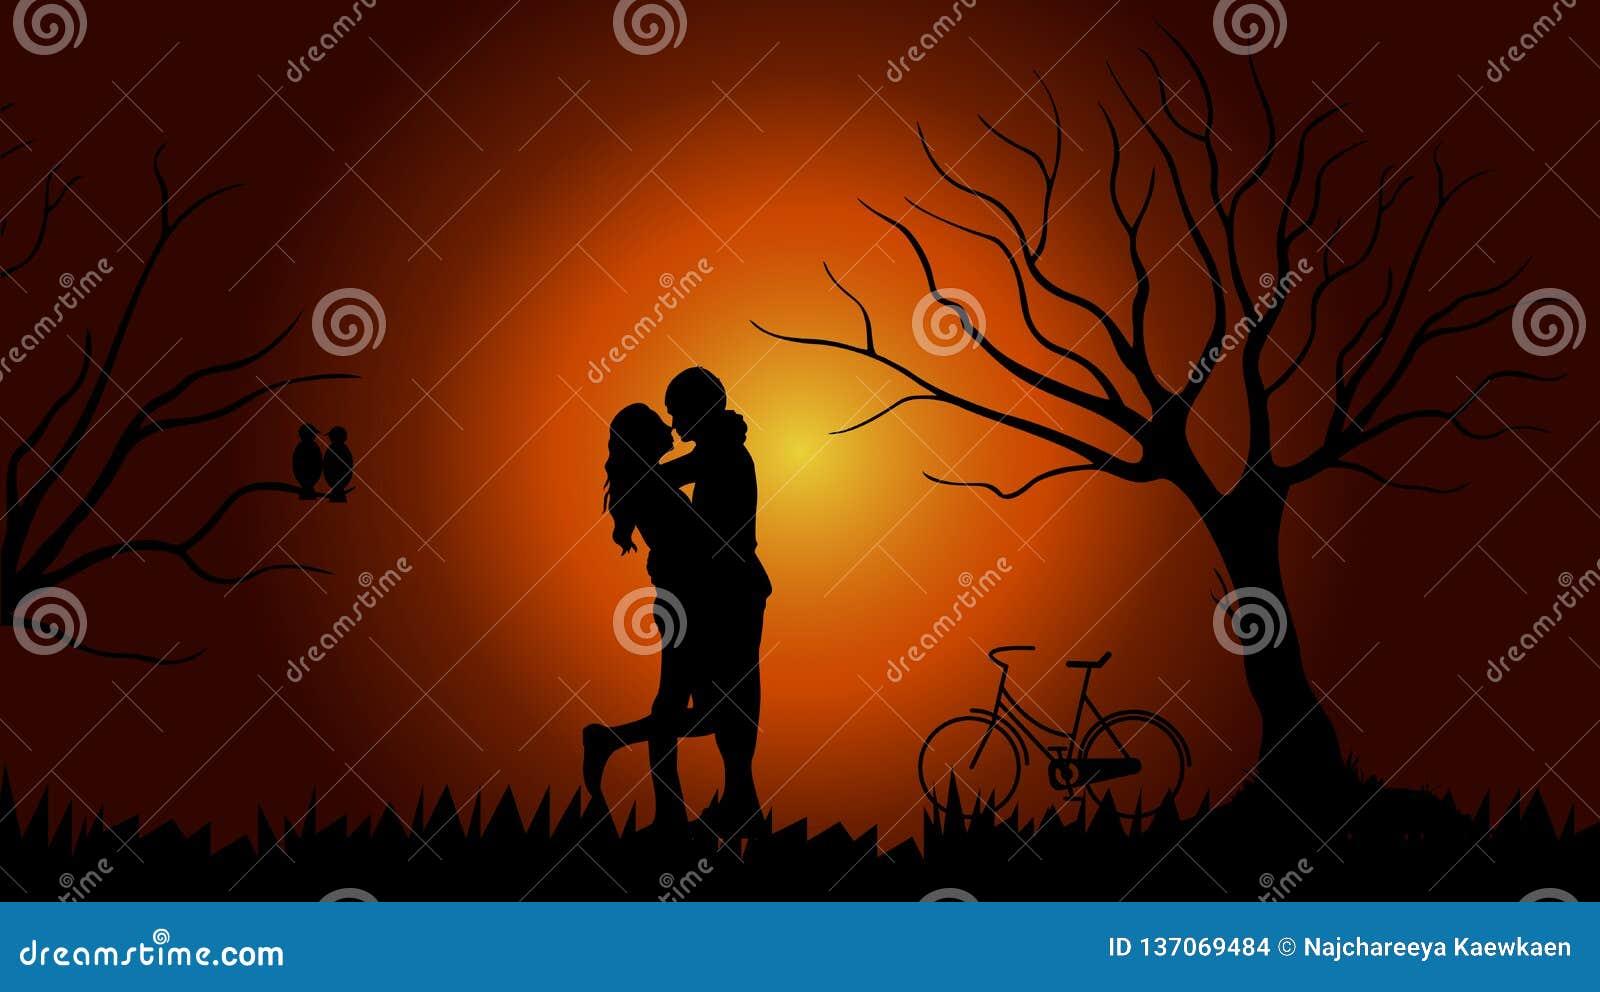 Imagem de fundo do Valentim que consiste em pares, árvores, bicicletas, pássaros